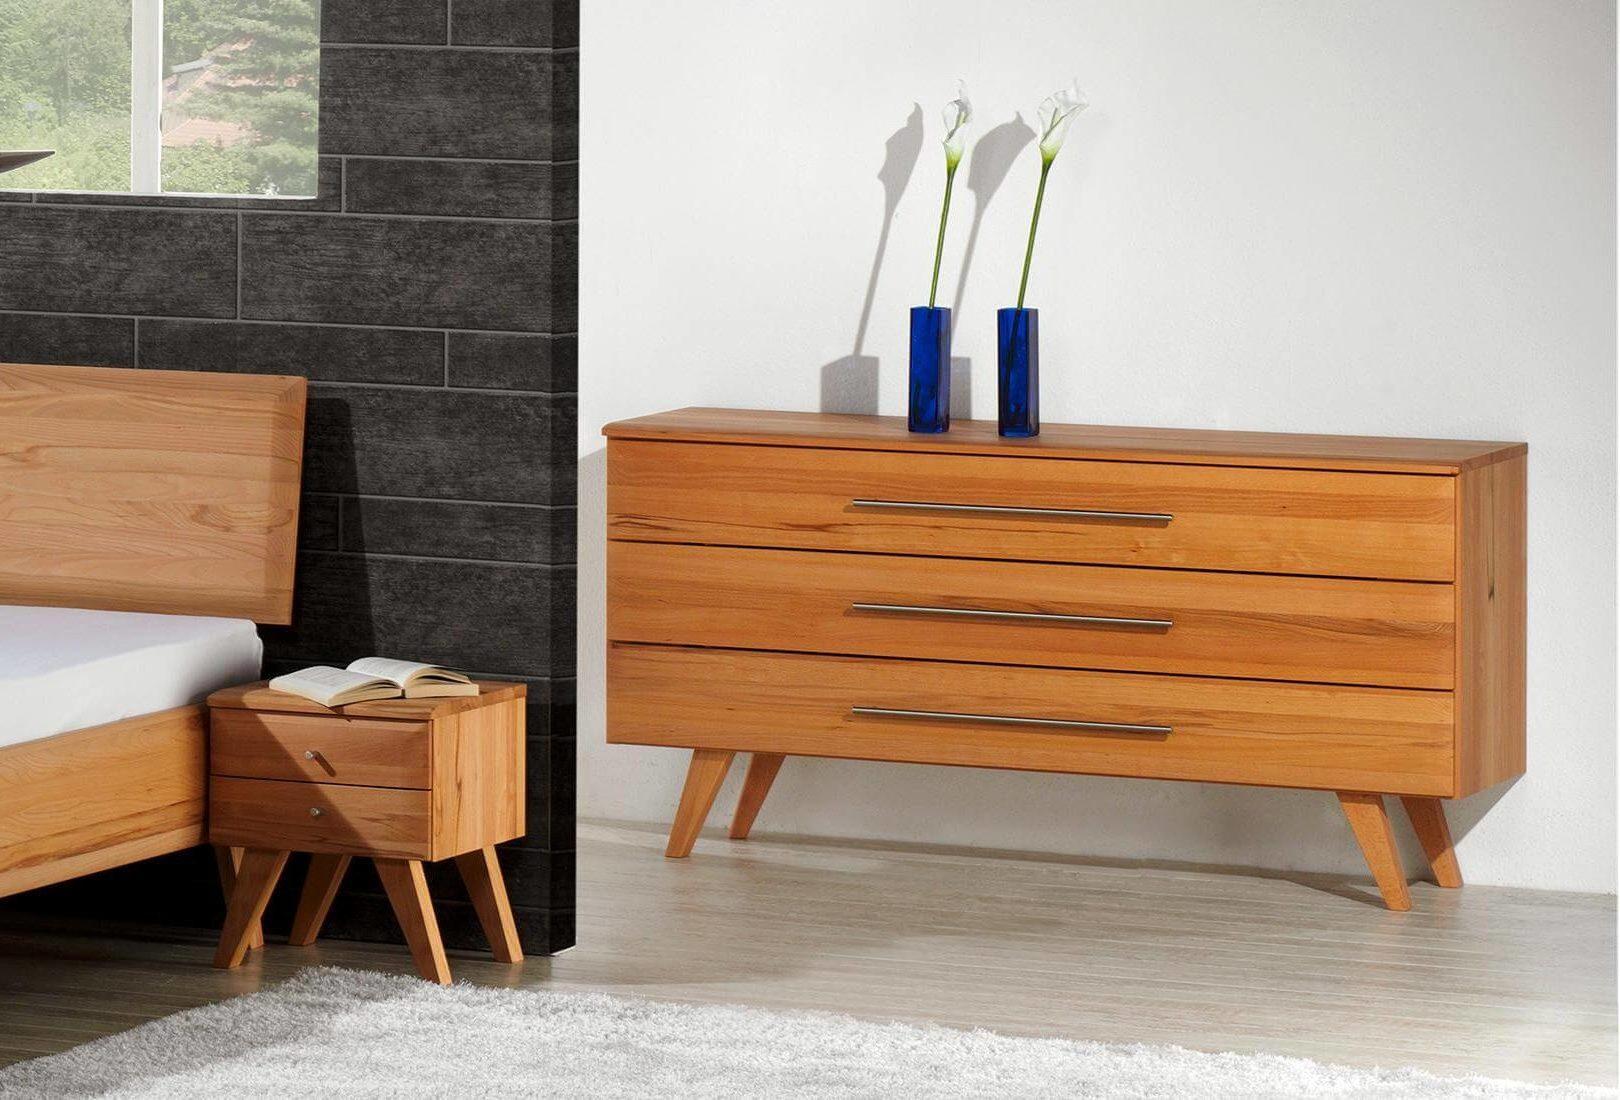 kommode viala kohler nat rlich einrichten naturholzm bel team 7 naturm bel massivholzm bel. Black Bedroom Furniture Sets. Home Design Ideas